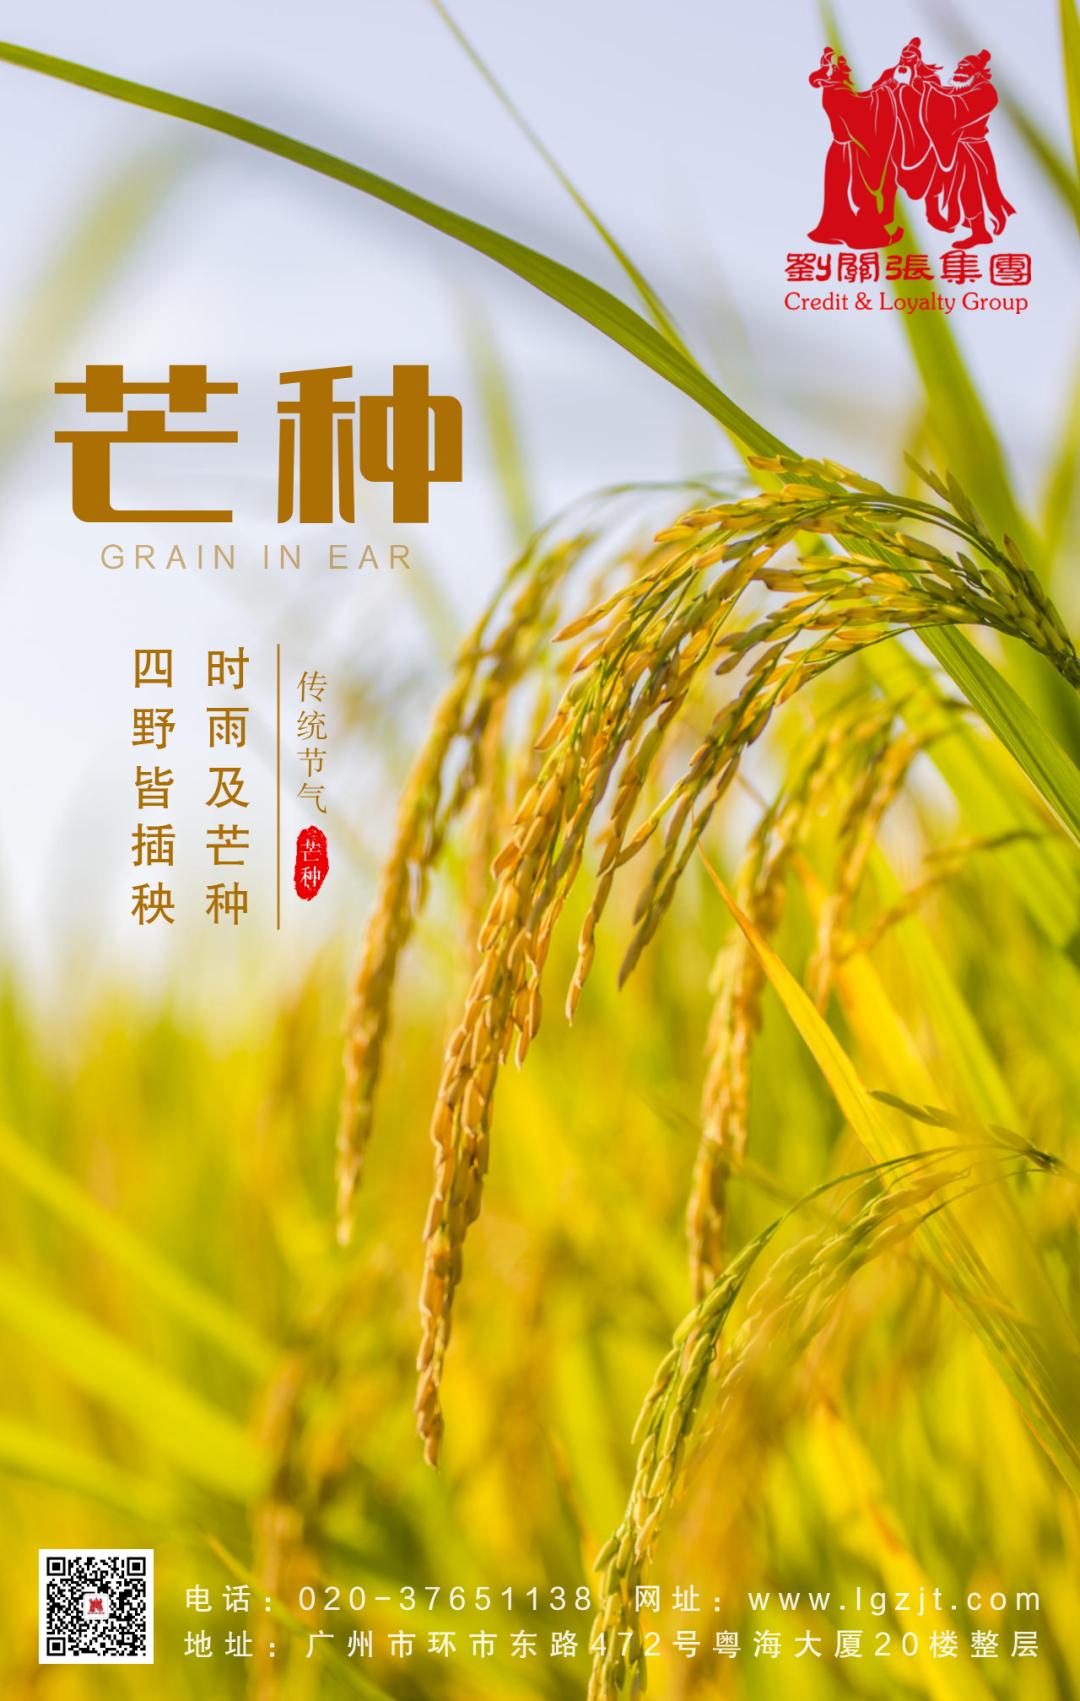 二十四節氣丨芒種:風吹麥浪,蟬鳴夏忙